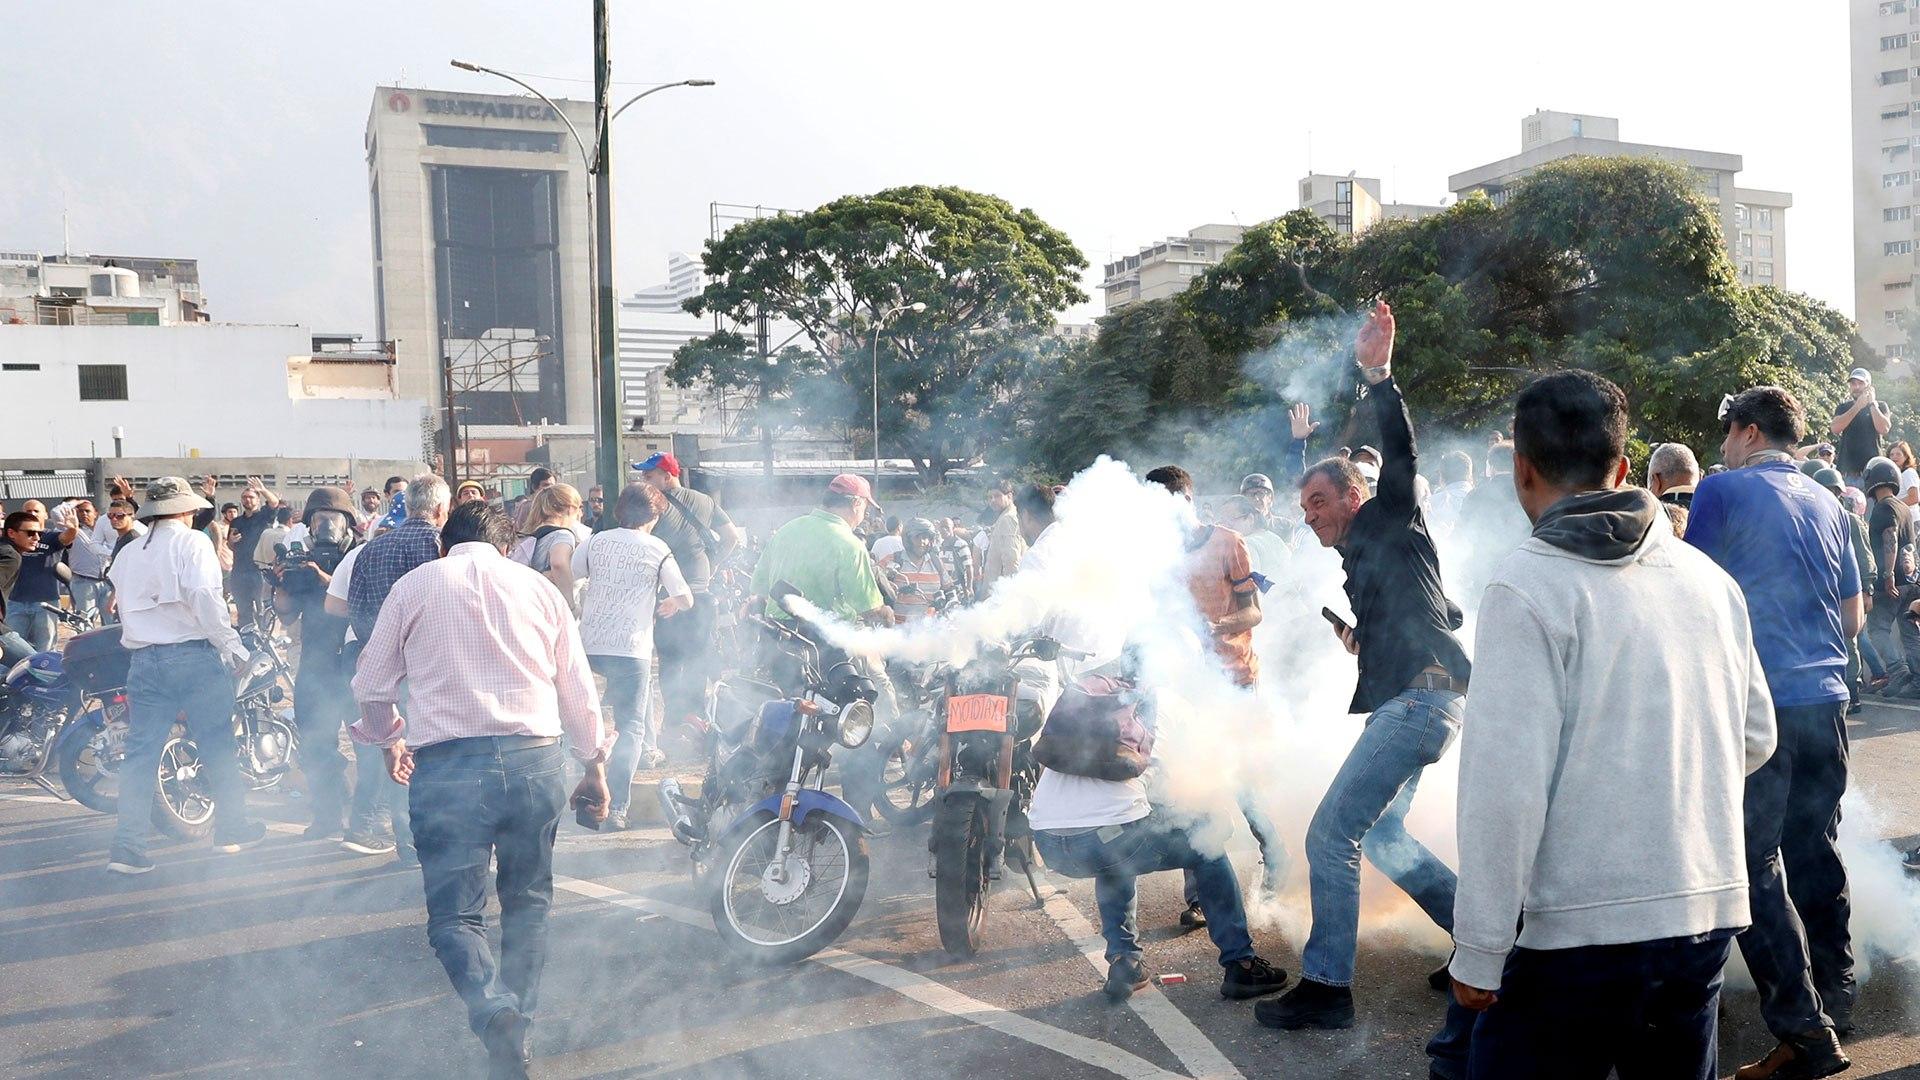 La gente reacciona al gas lacrimógeno cerca de la Base Aérea Generalísimo Francisco de Miranda âLa Carlotaâ, en Caracas, Venezuela, el 30 de abril de 2019.